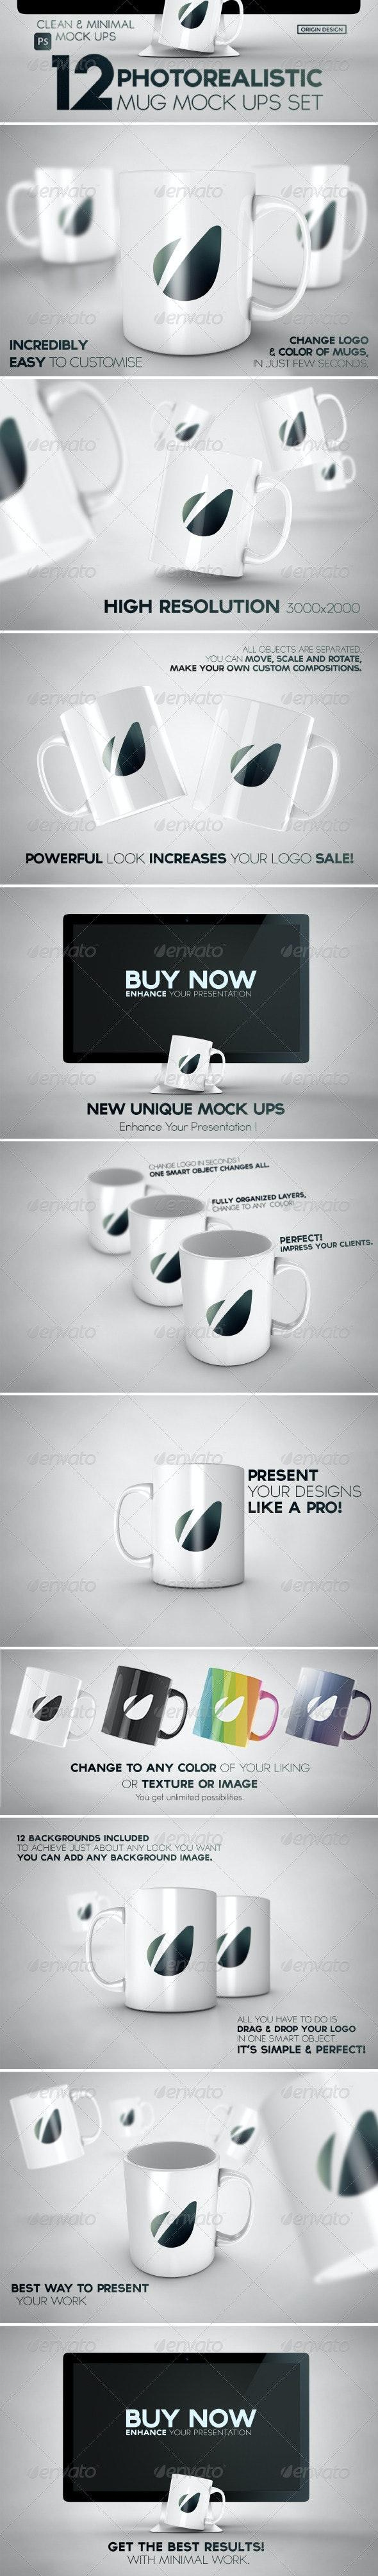 12 Photorealistic Mug Mockups Set - Logo Product Mock-Ups